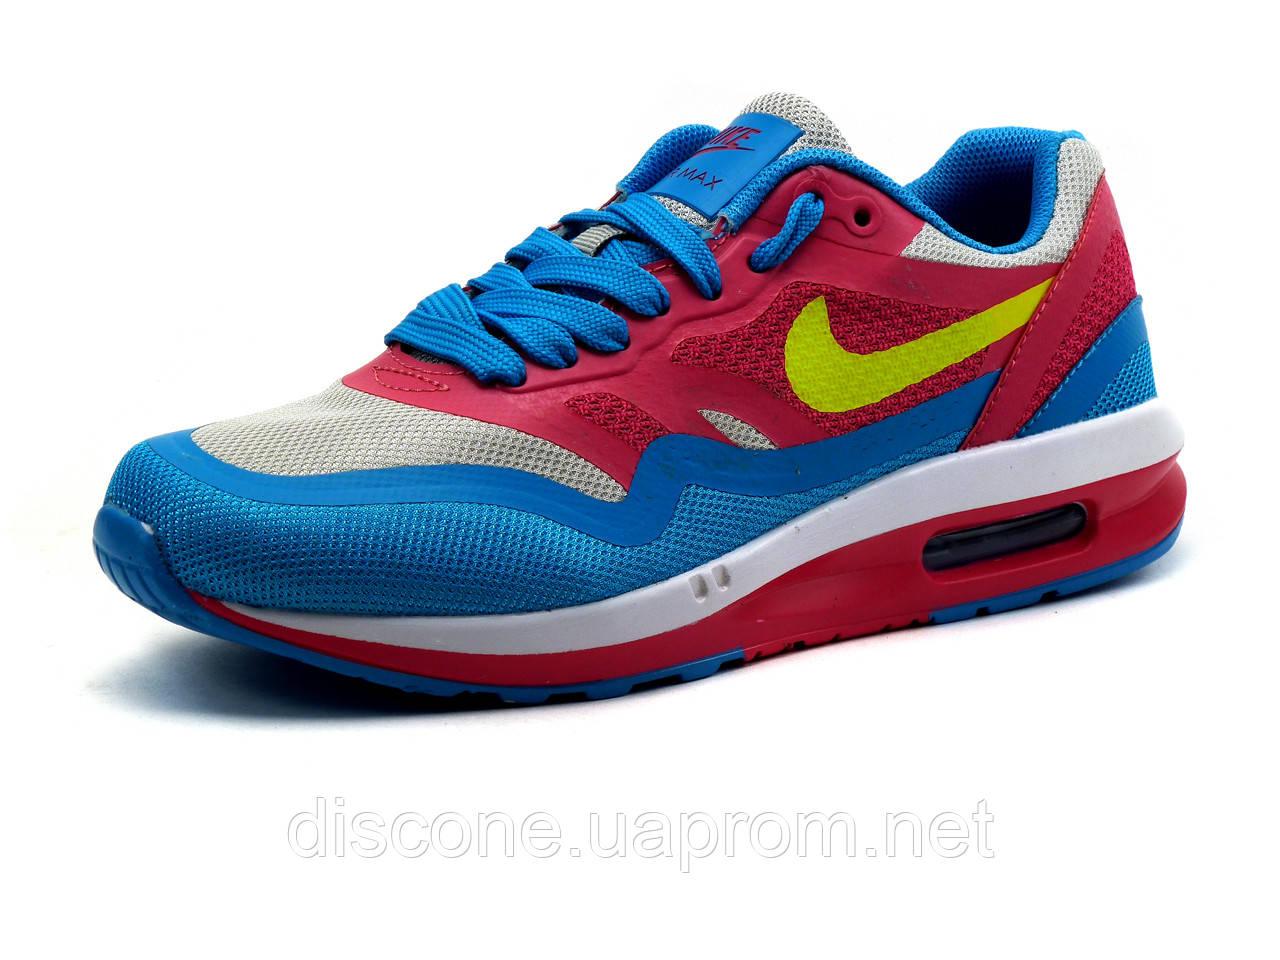 Женские кроссовки Найк Air Max, подростковые, светло серые с розовым и голубым, р. 36 37 38